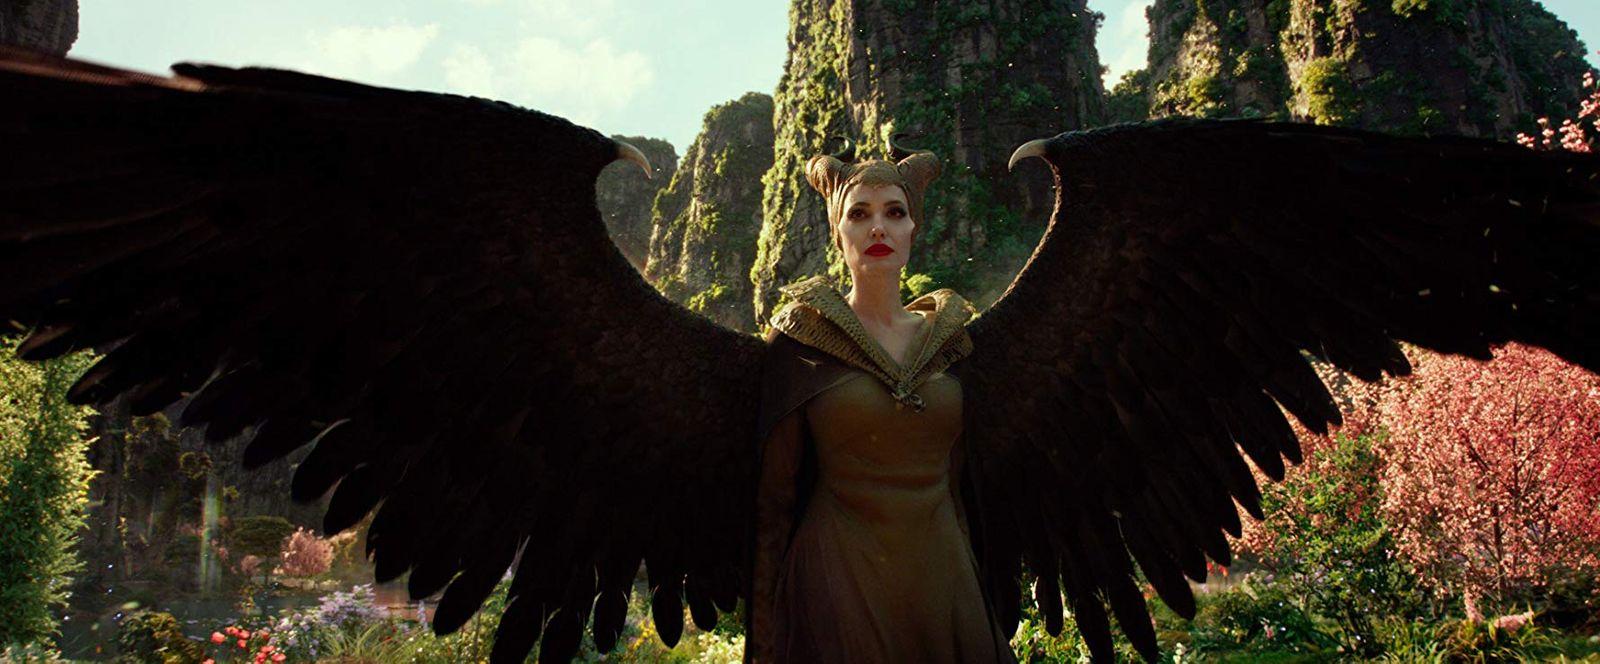 [รีวิว] Maleficent : Mistress of Evil (2019) จุดกำเนิดนางพญาปิศาจ